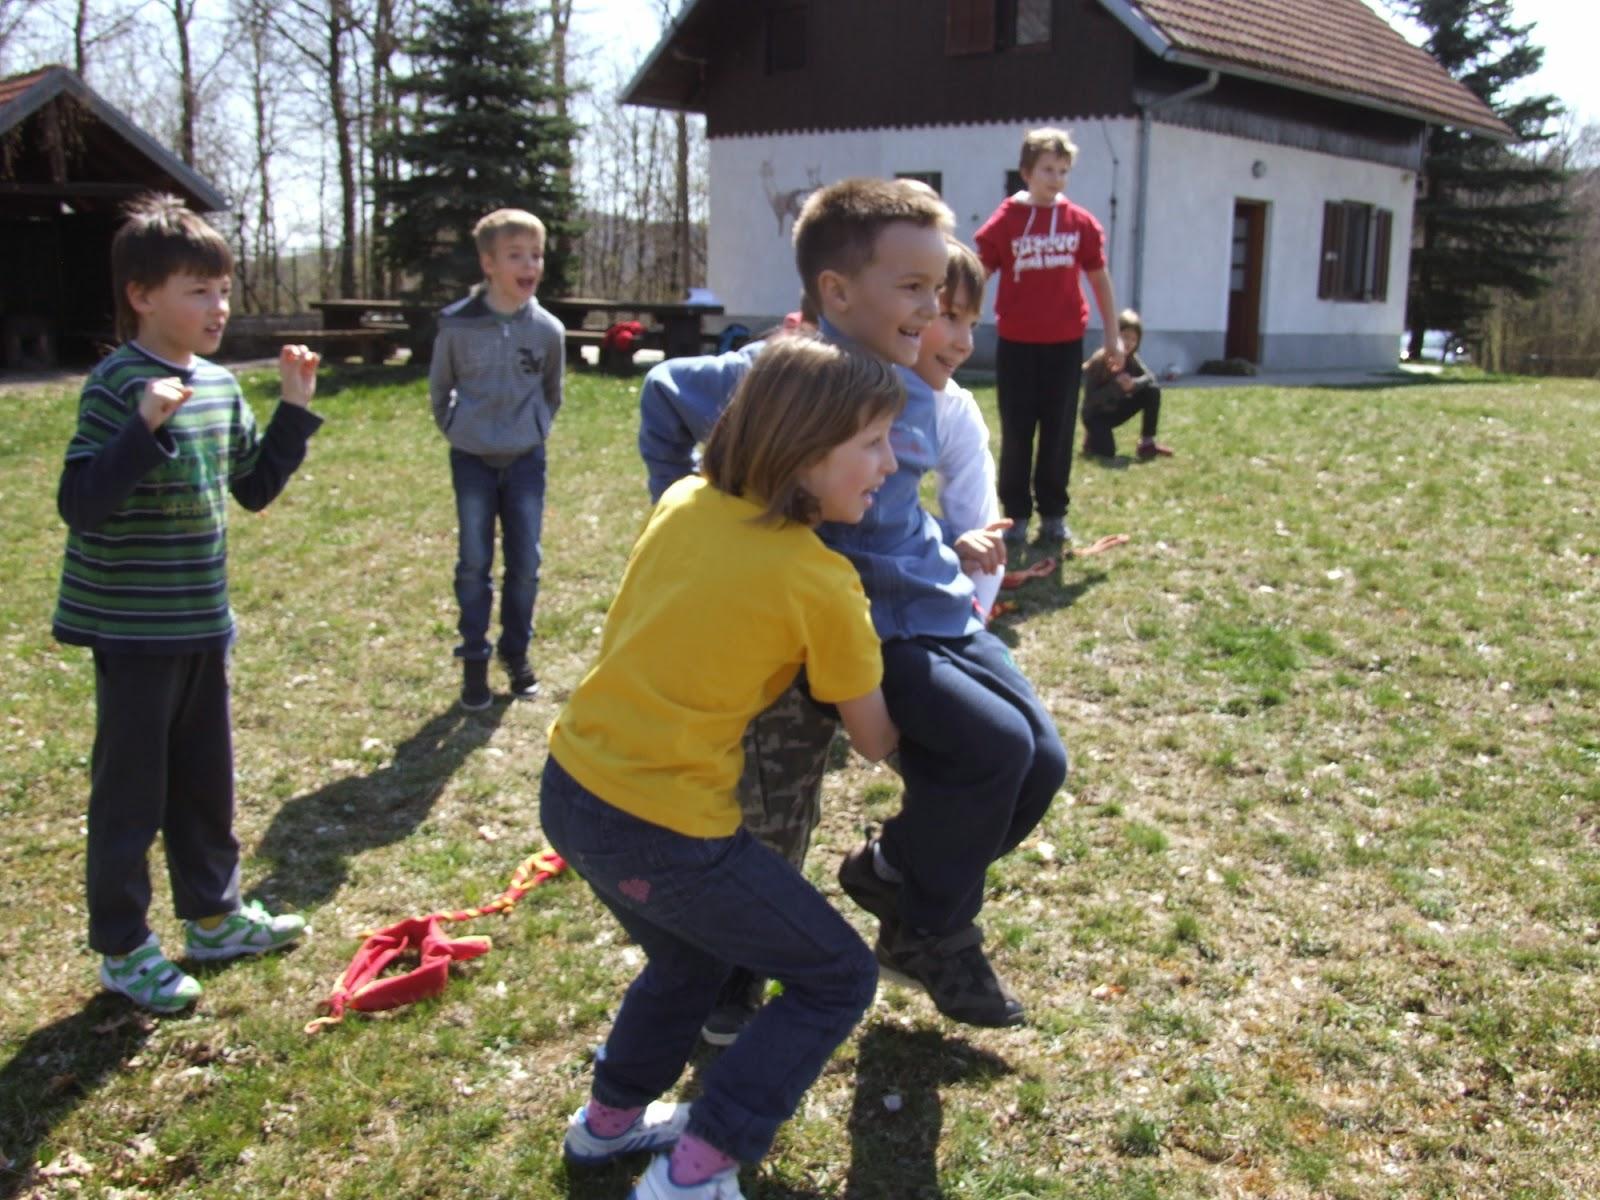 MČ spomladovanja 2014, 28-30.03.2014, Pavlica, Ilirska Bistrica - DSCF7355.JPG